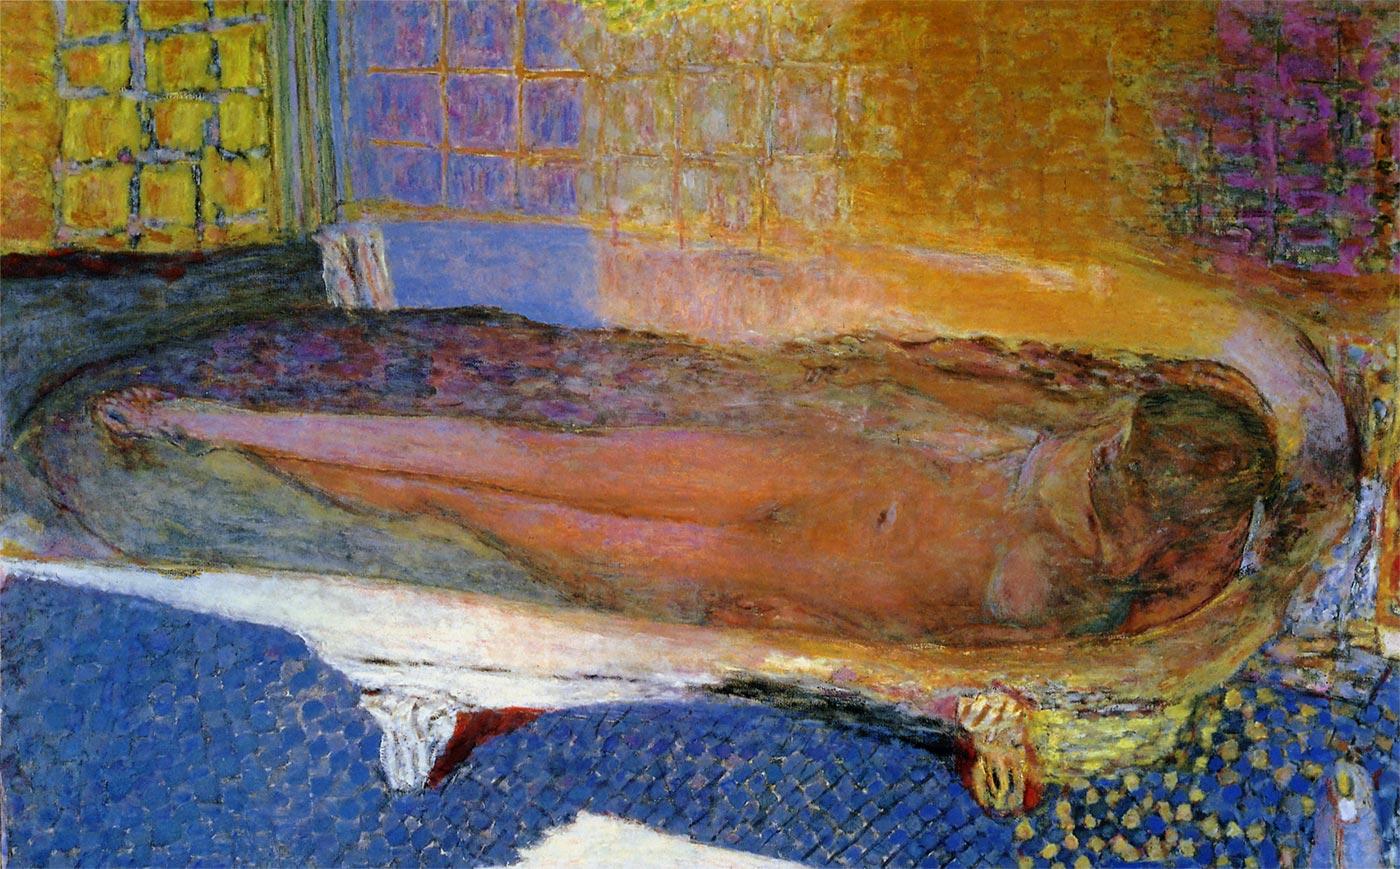 浴槽の裸婦 ボナール